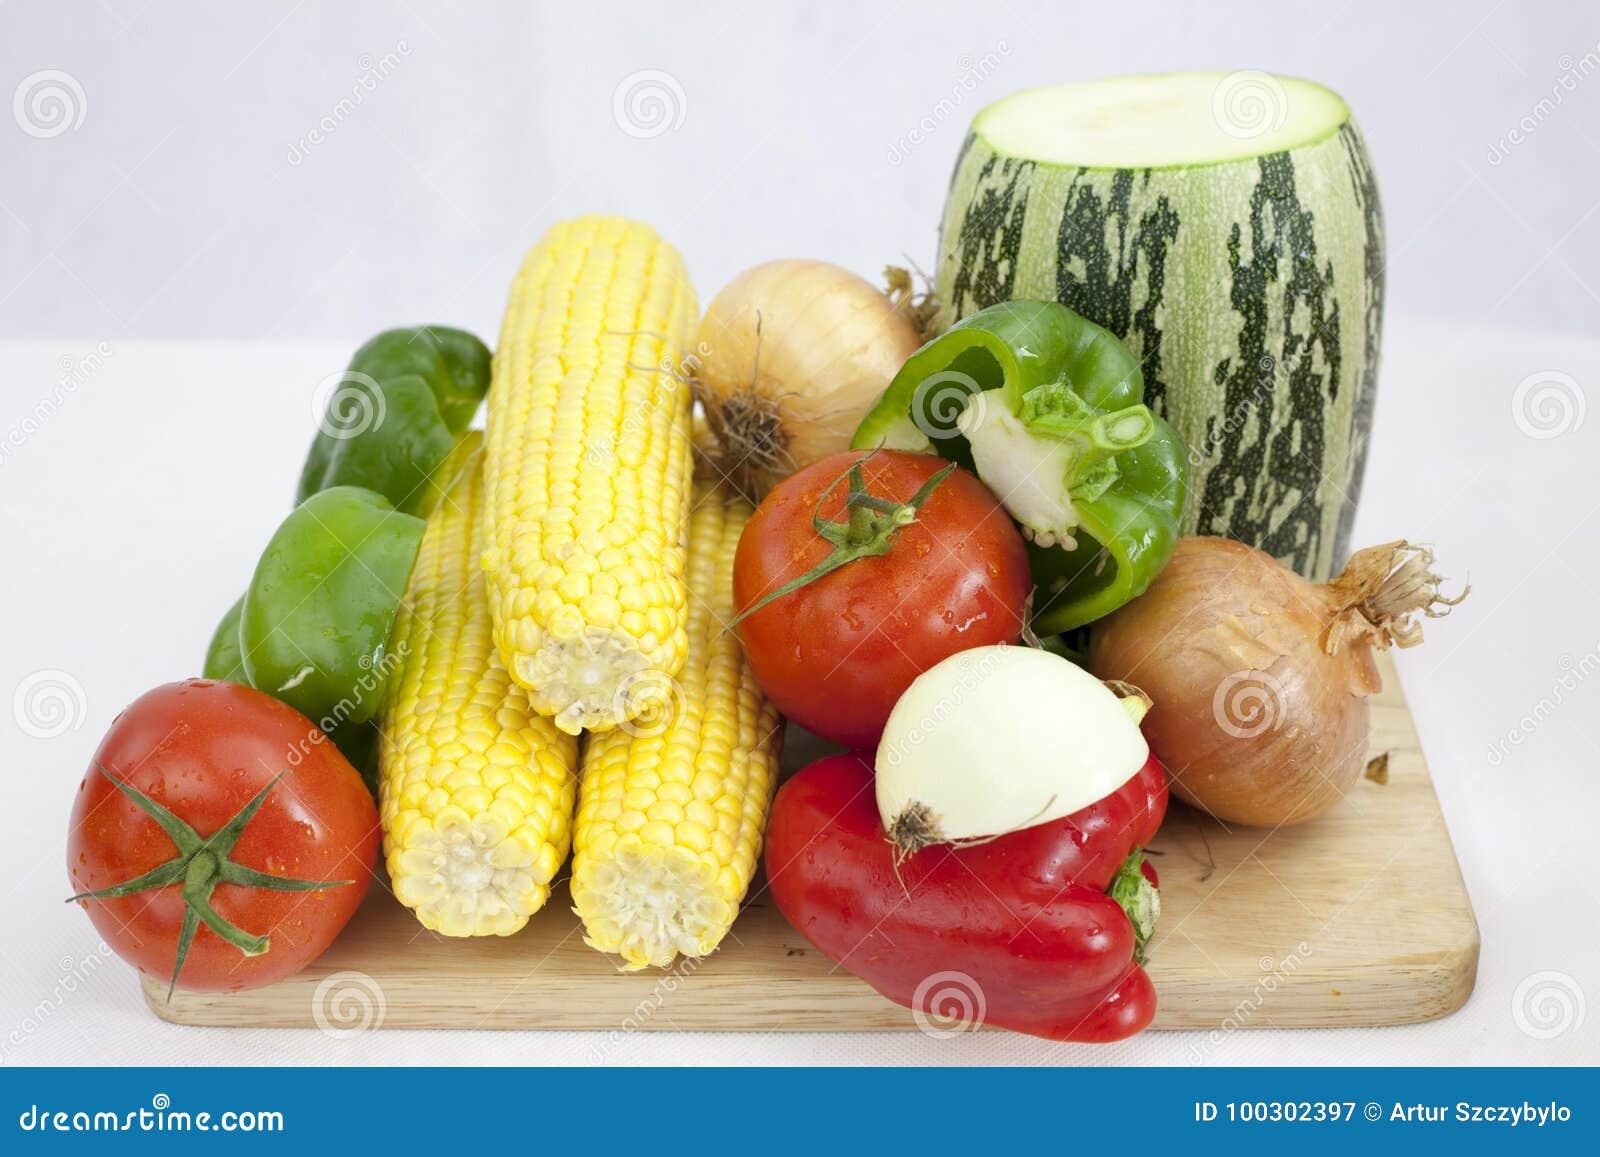 Ein Bündel Gemüse und Früchte einschließlich Tomate Zucchini, Zucchini, auf dem weißen Hintergrund